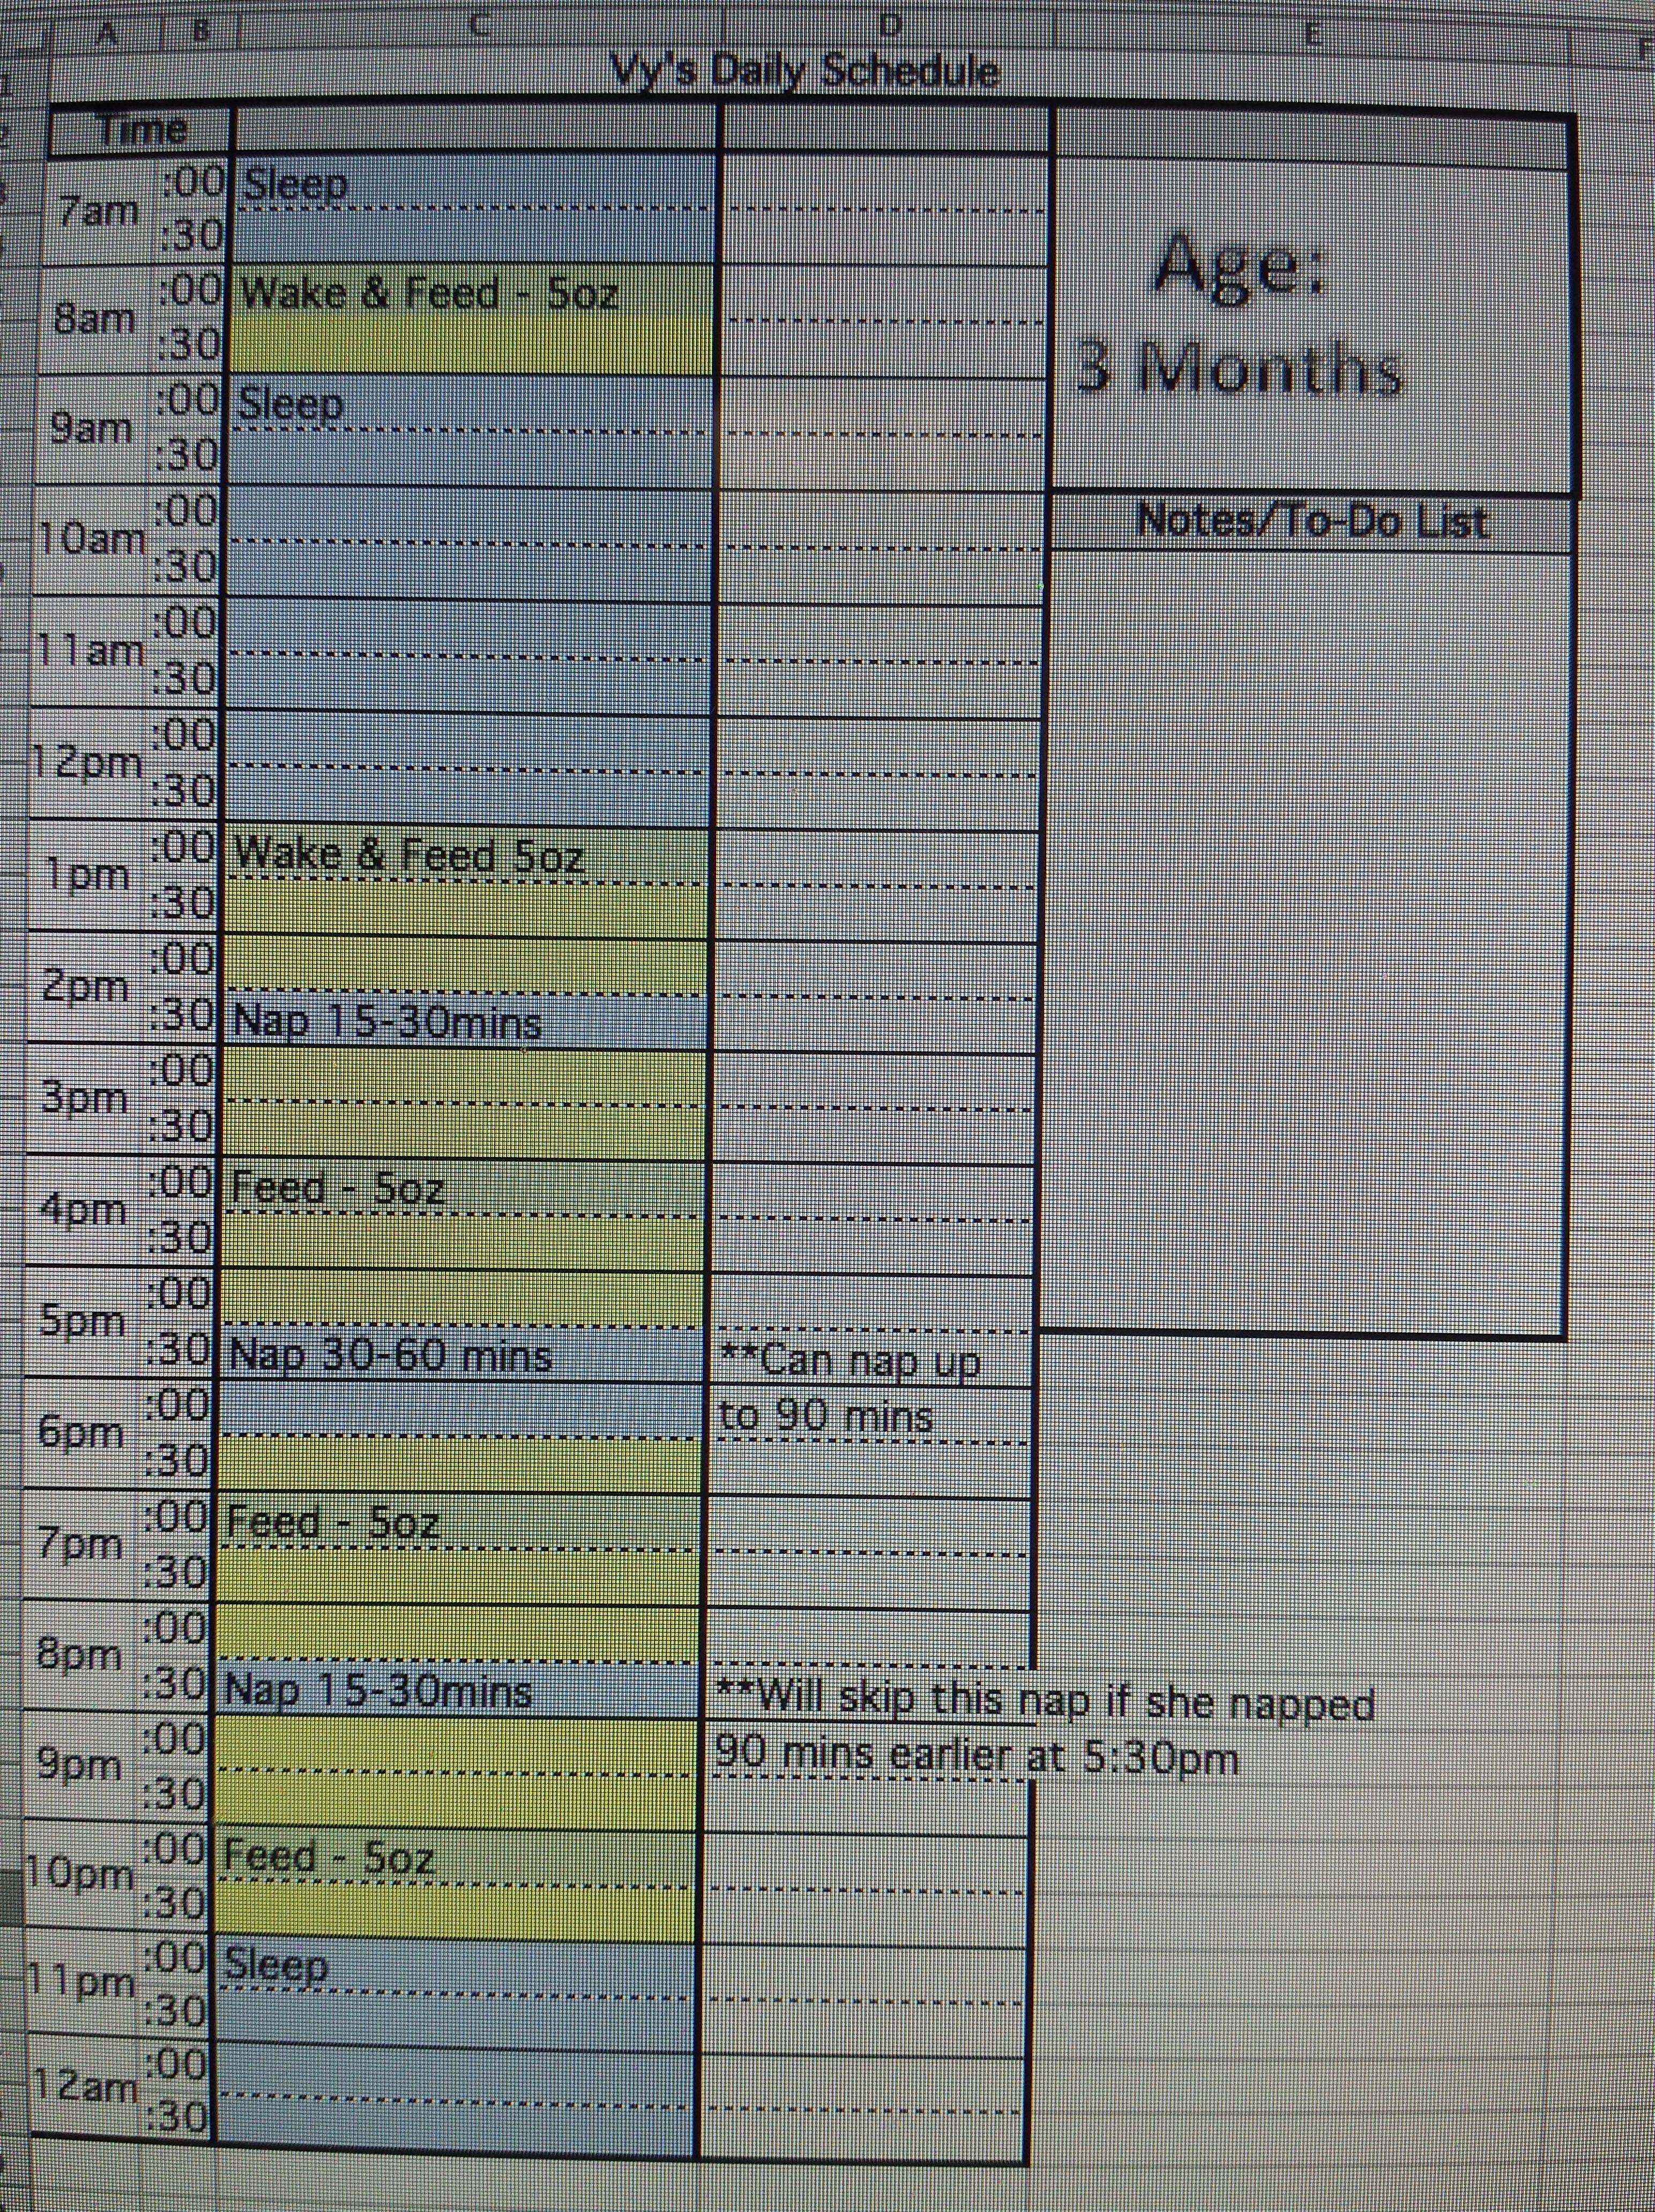 Schedule Series 3 Months